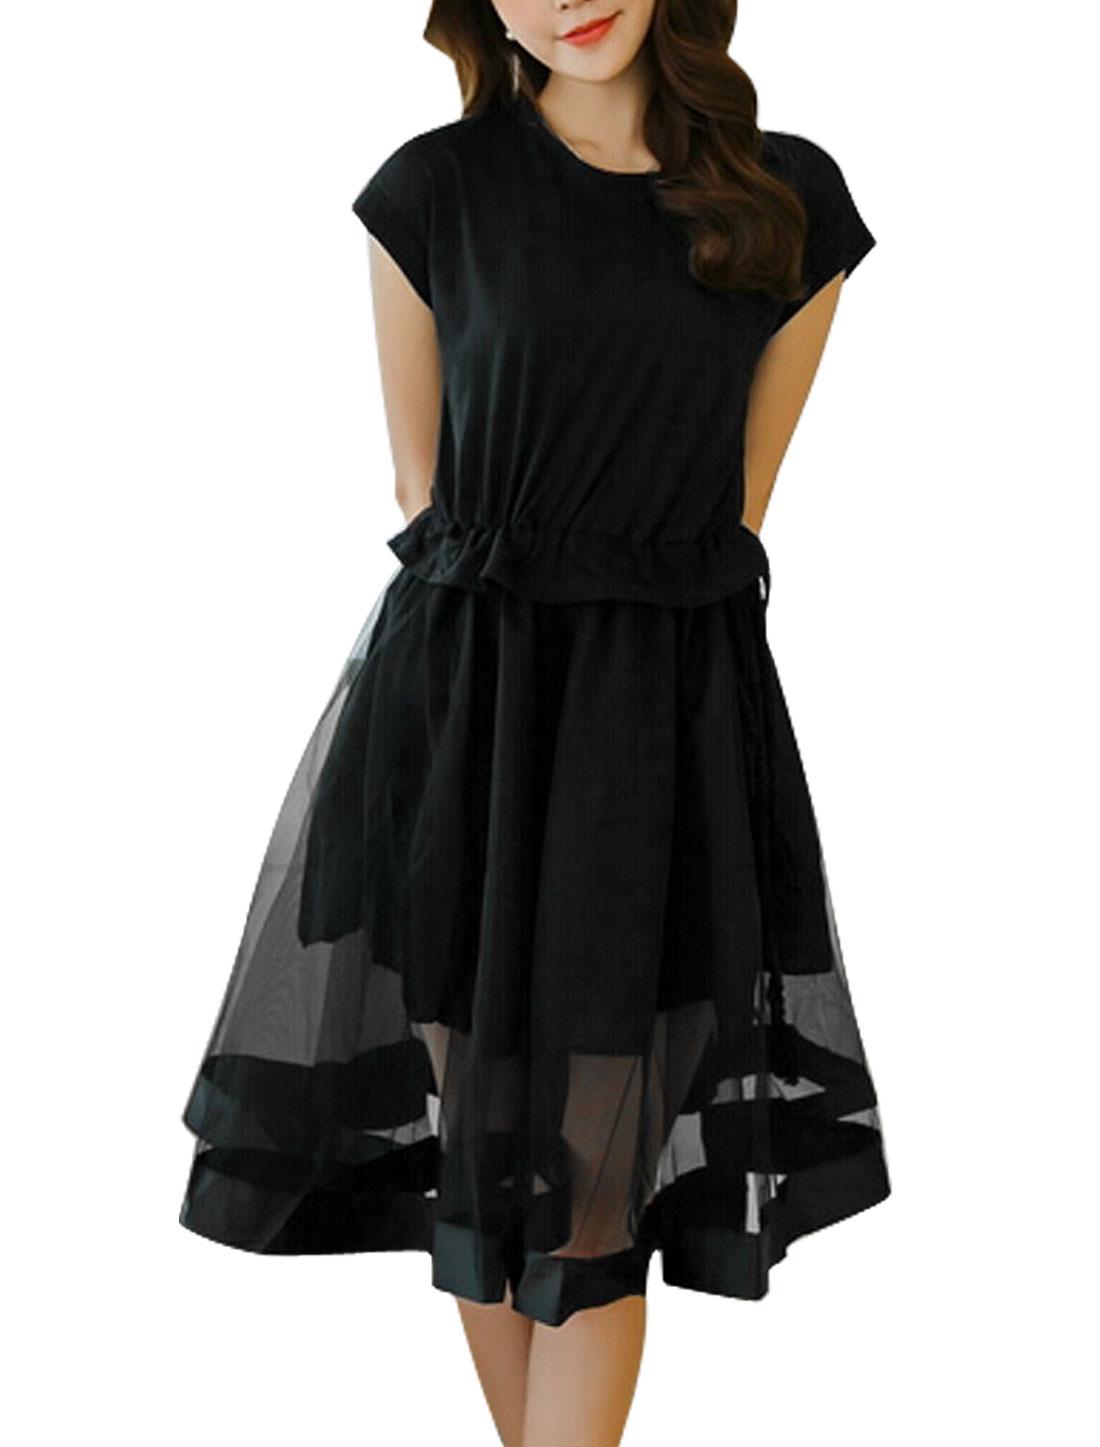 Women Round Neck Short Sleeve Panel Casual Skater Dresses Black S